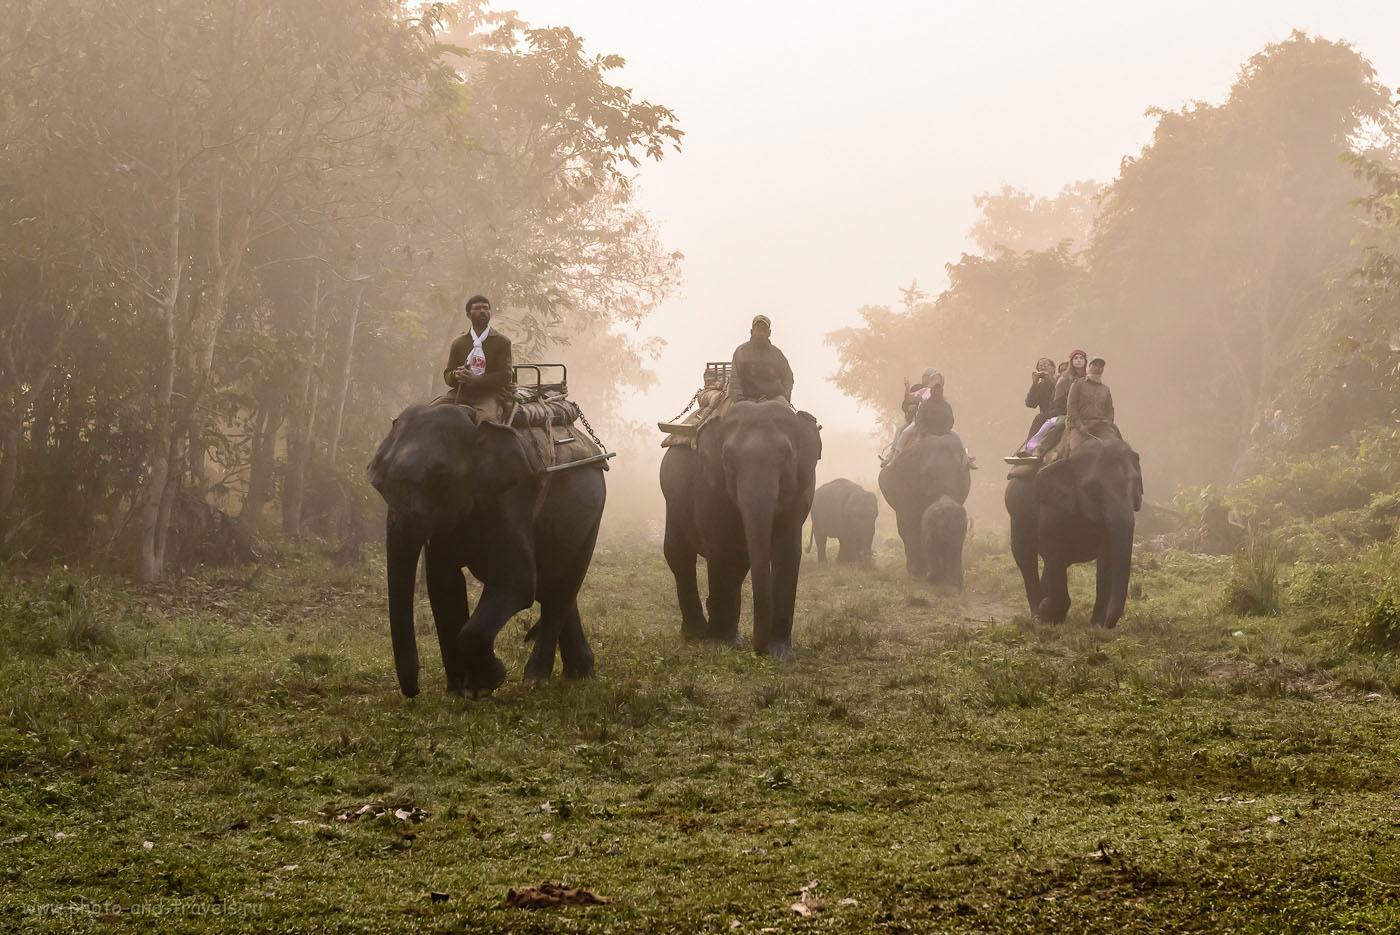 Фотография 3. Сафари на слонах в парке Казиранга в Индии. Отзывы о самостоятельном путешествии по Северо-Востоку страны. 1/1000, -0.67, 8.0, 2500, 70. Никон 24-70/2,8